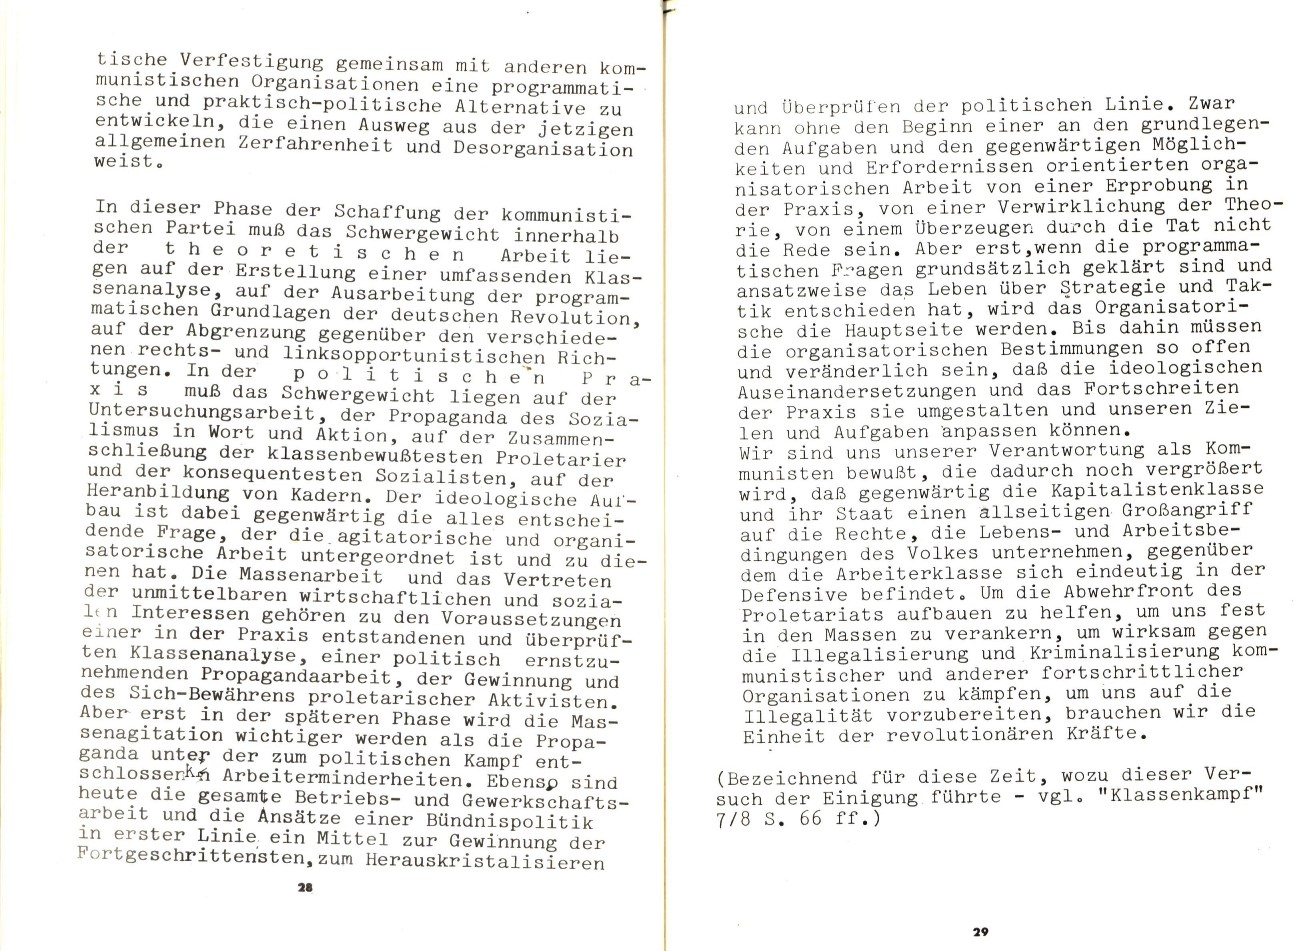 Koeln_KI_1974_Kleinbuergerei_16